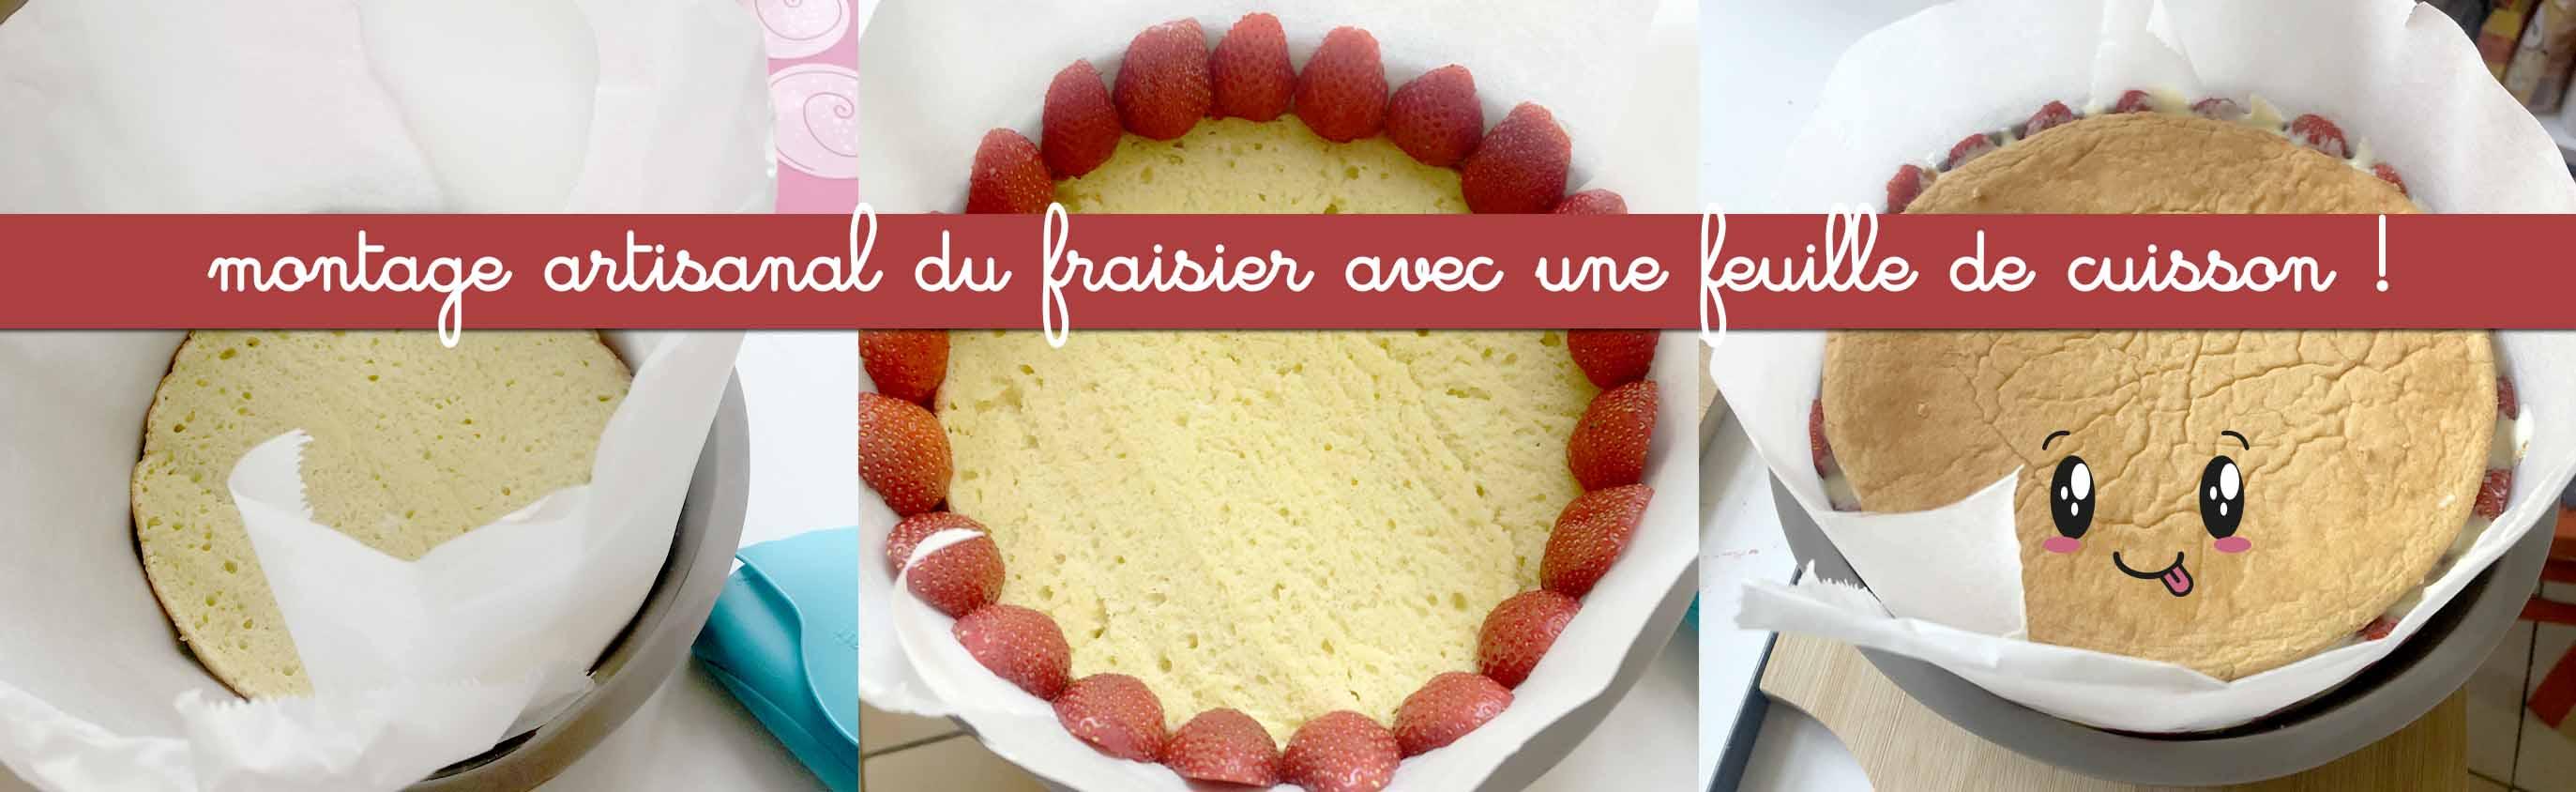 montage du fraisier anniversaire